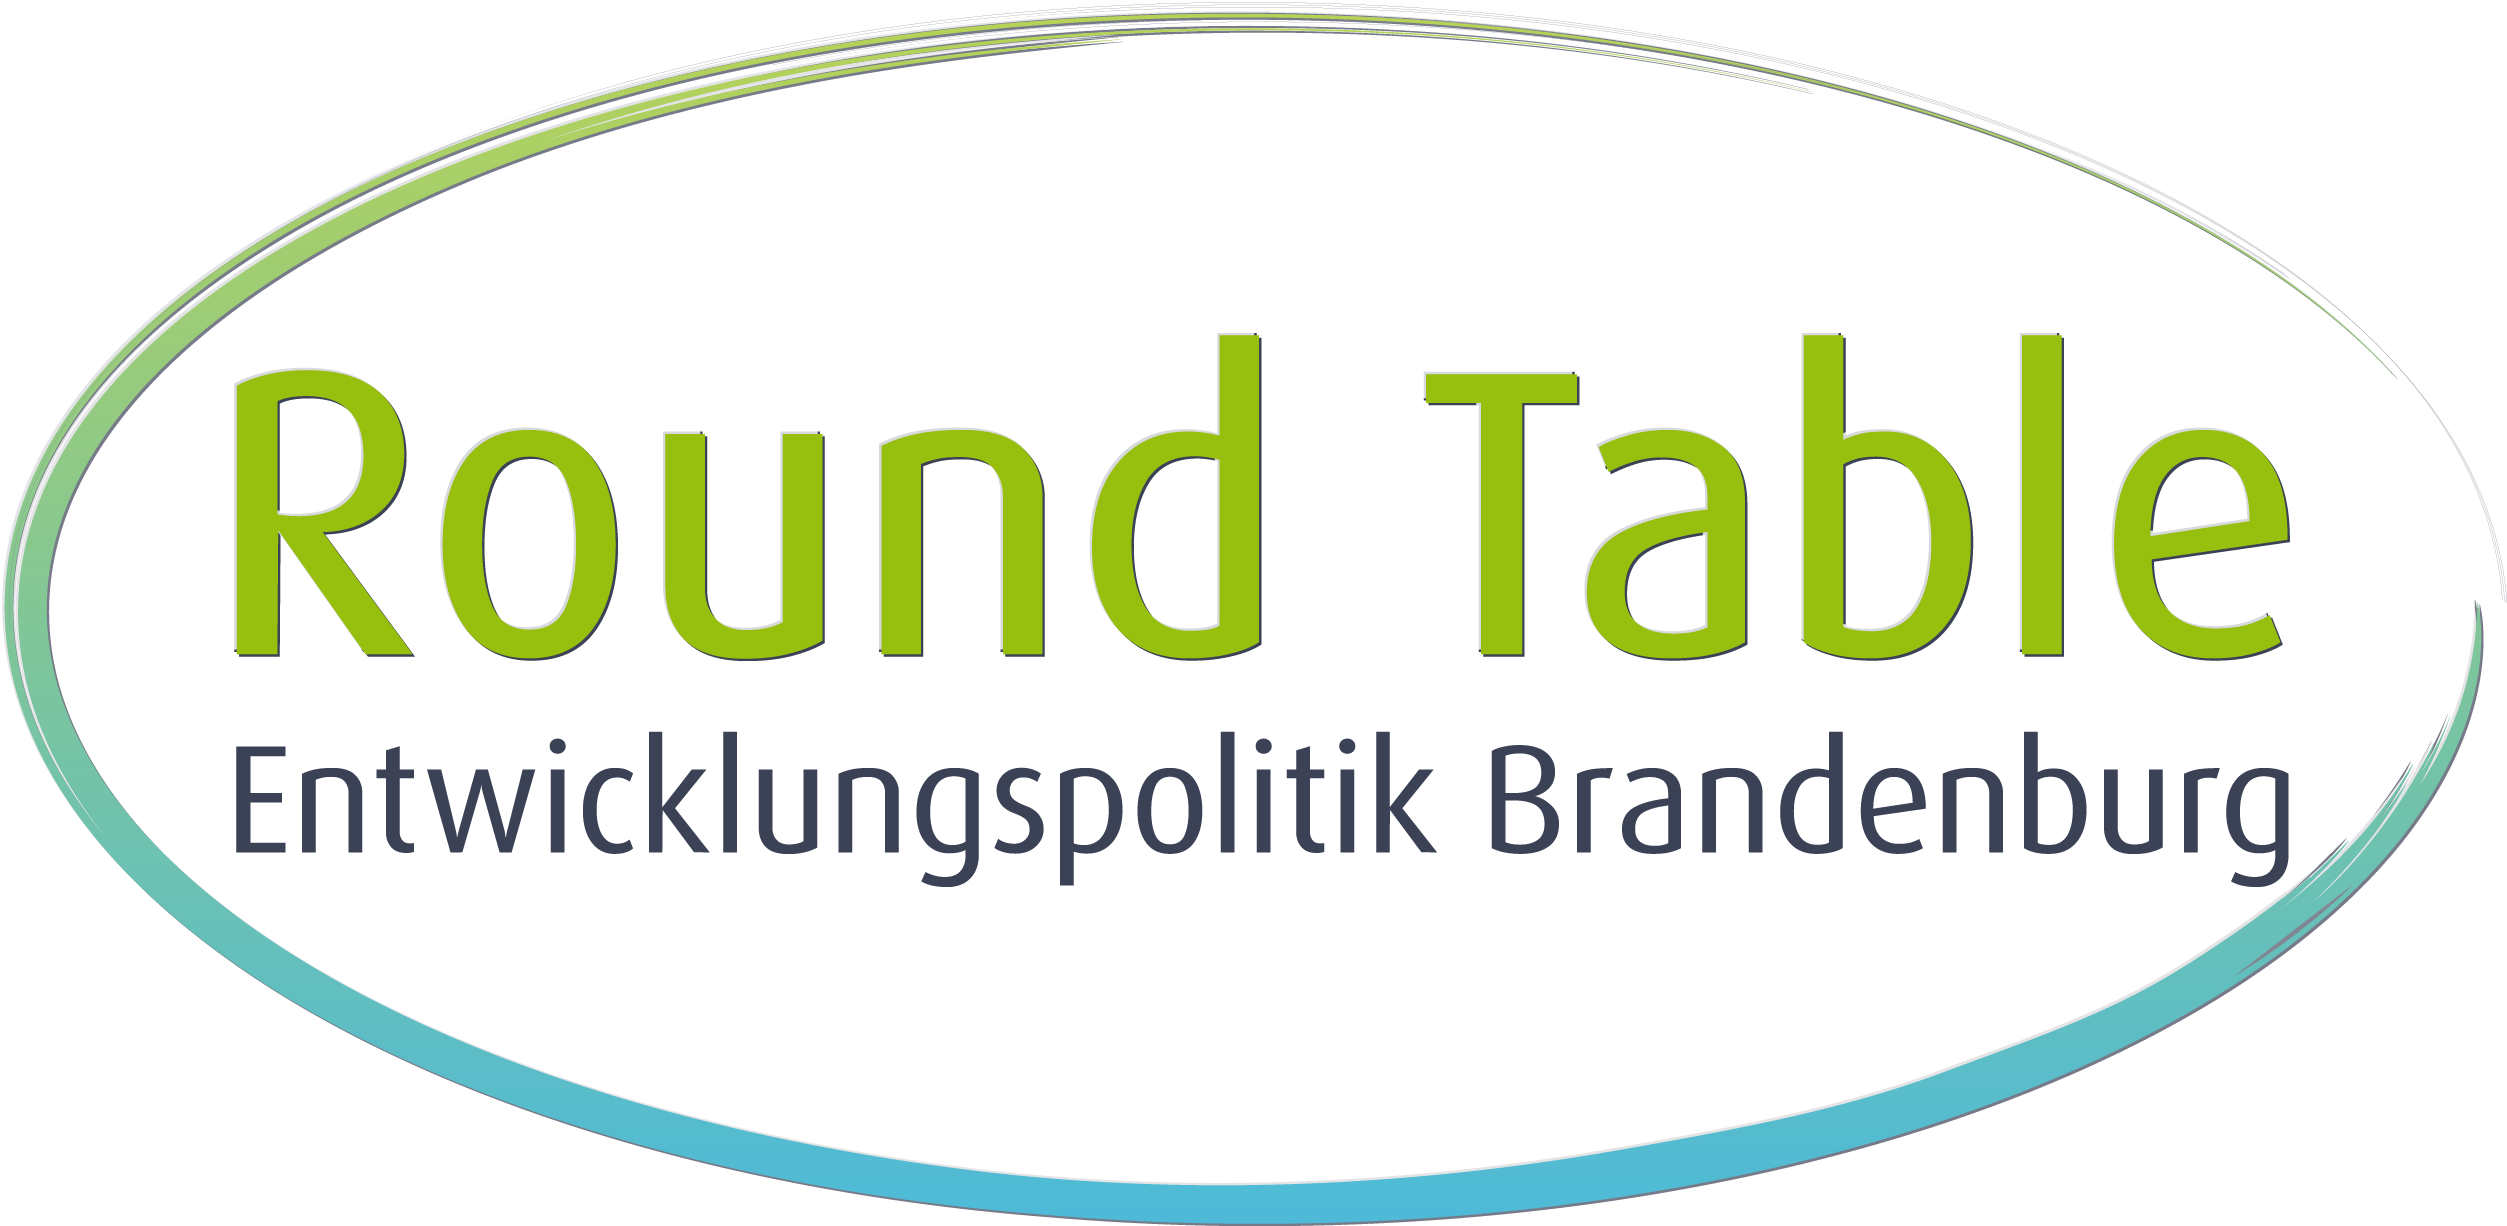 Round Table Entwicklungspolitik Brandenburg